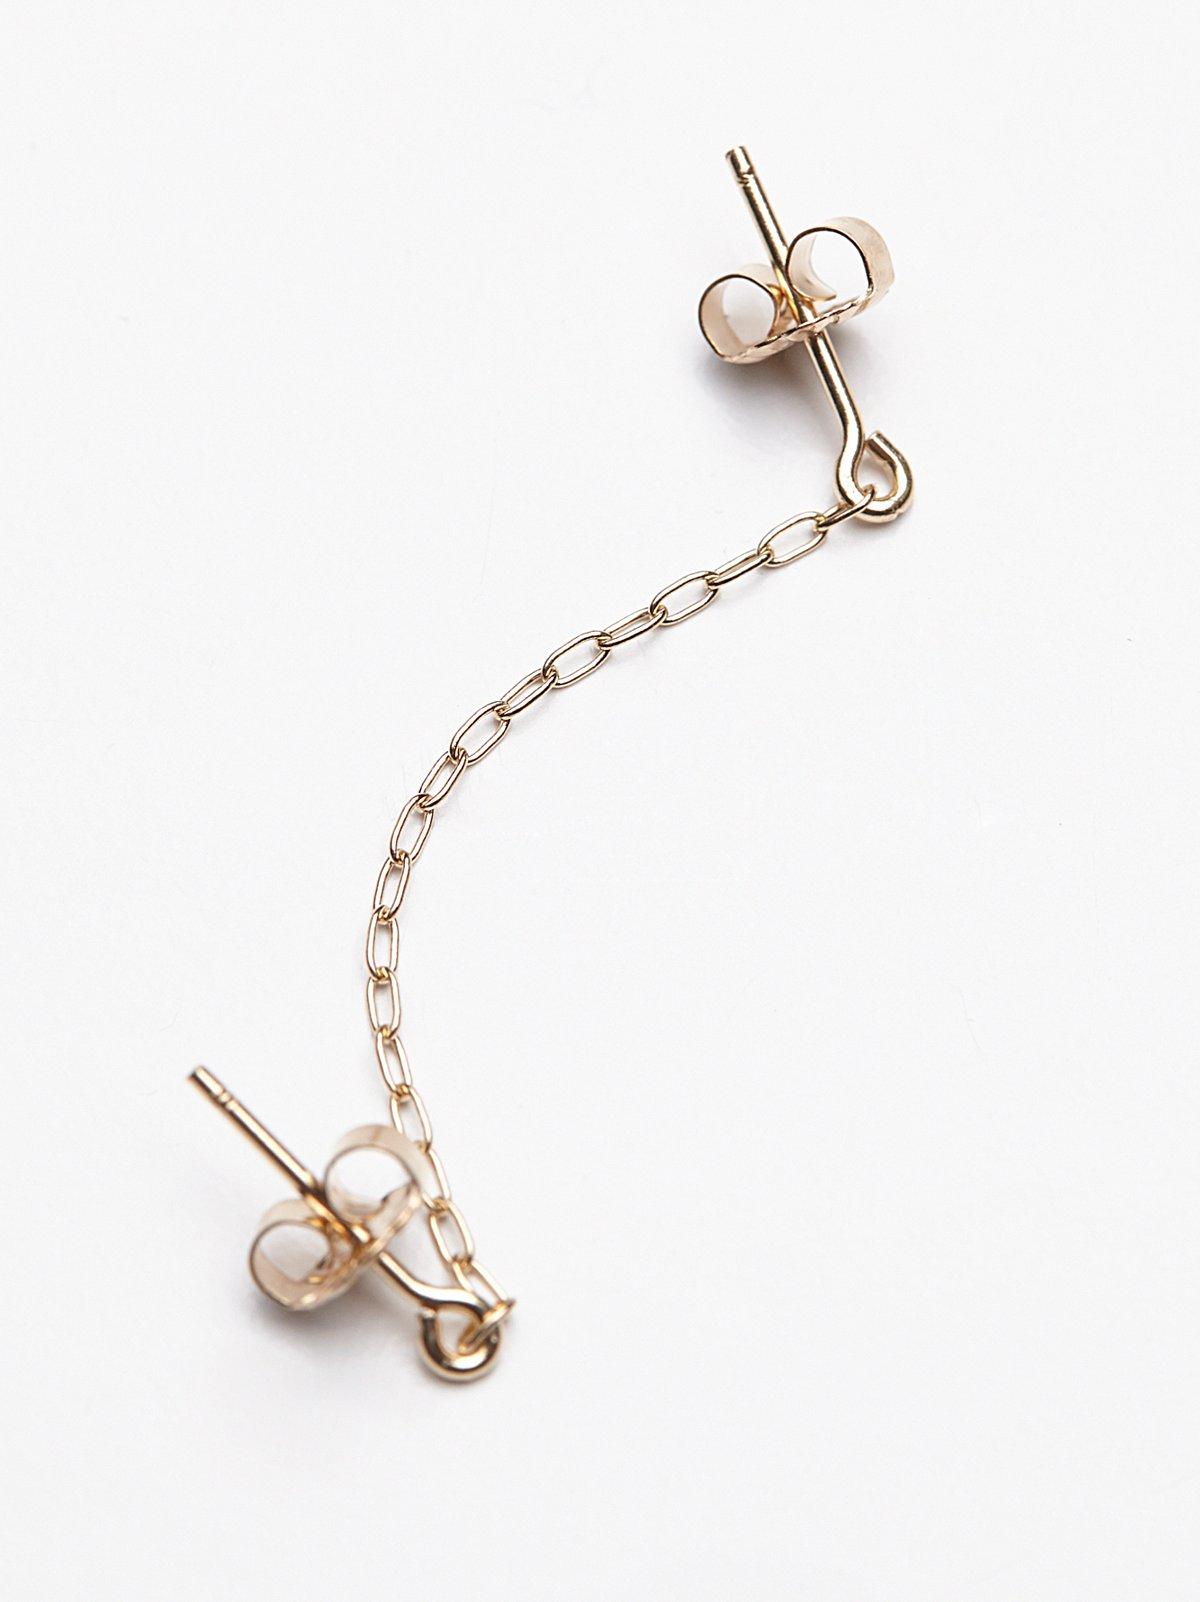 垂坠式双头链条耳环